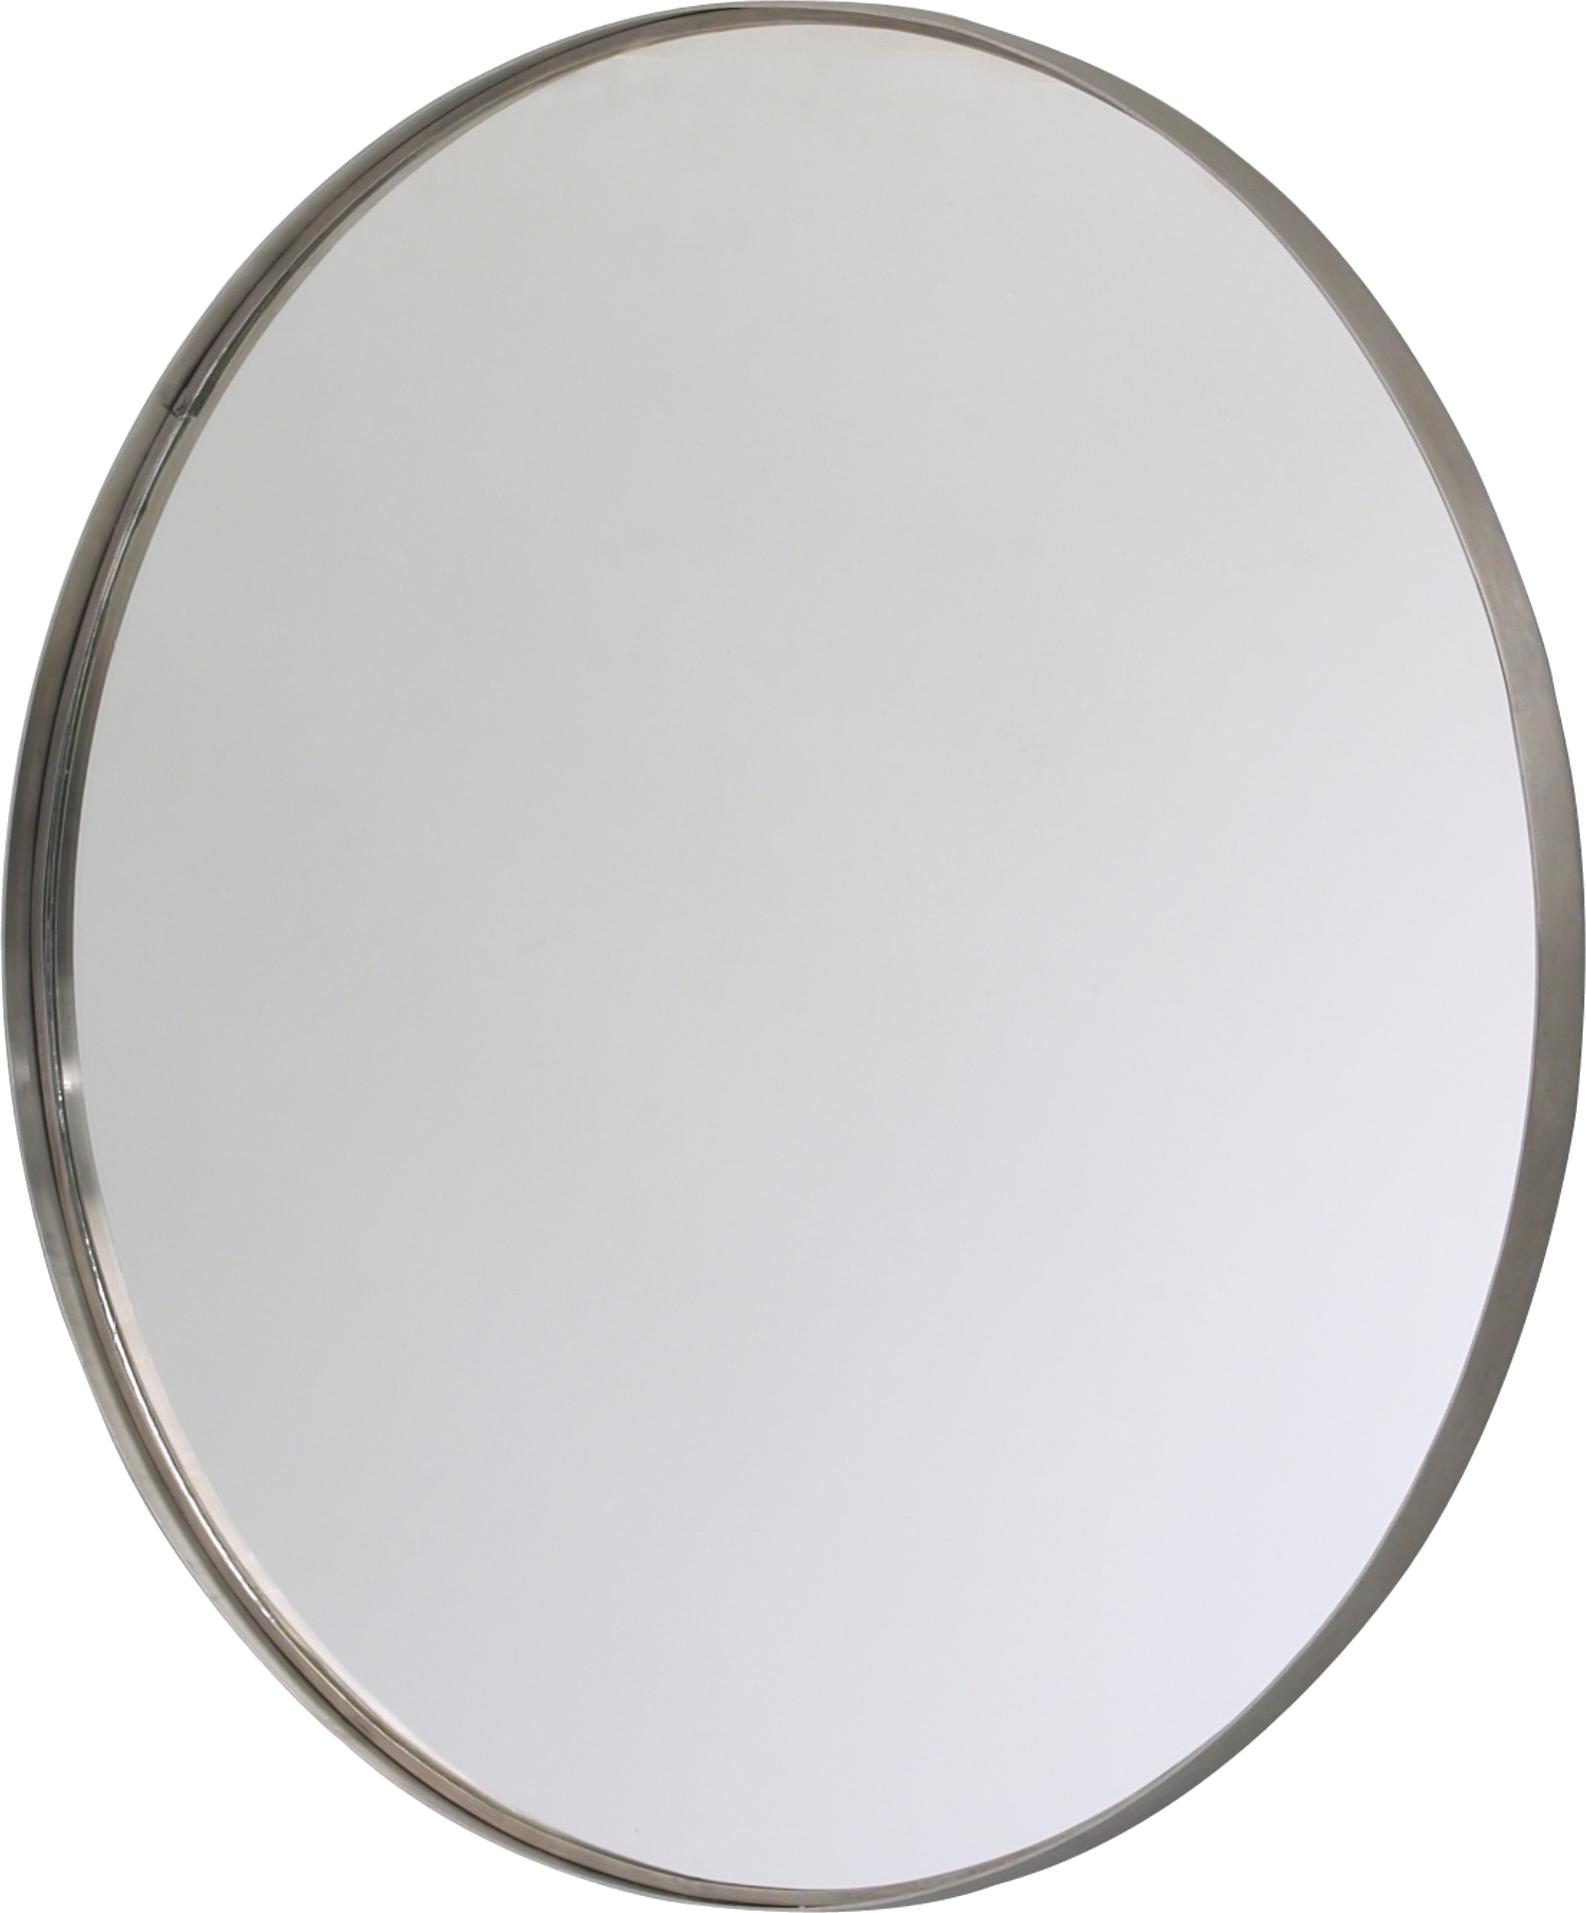 vector transparent stock Mirror transparent circular. Png image purepng free